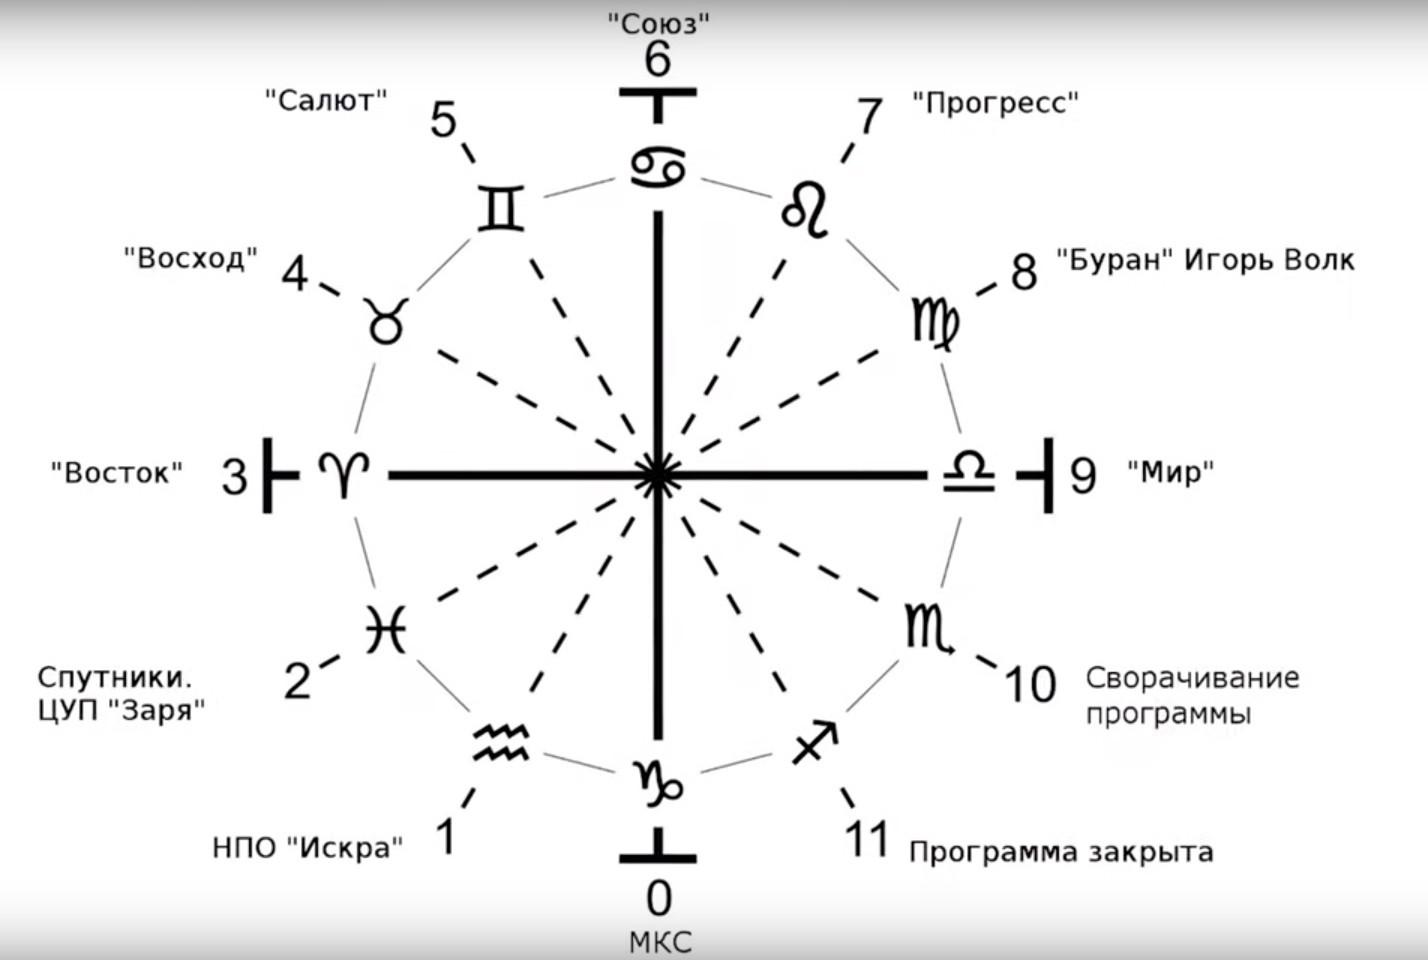 Ясна Советской космической программы